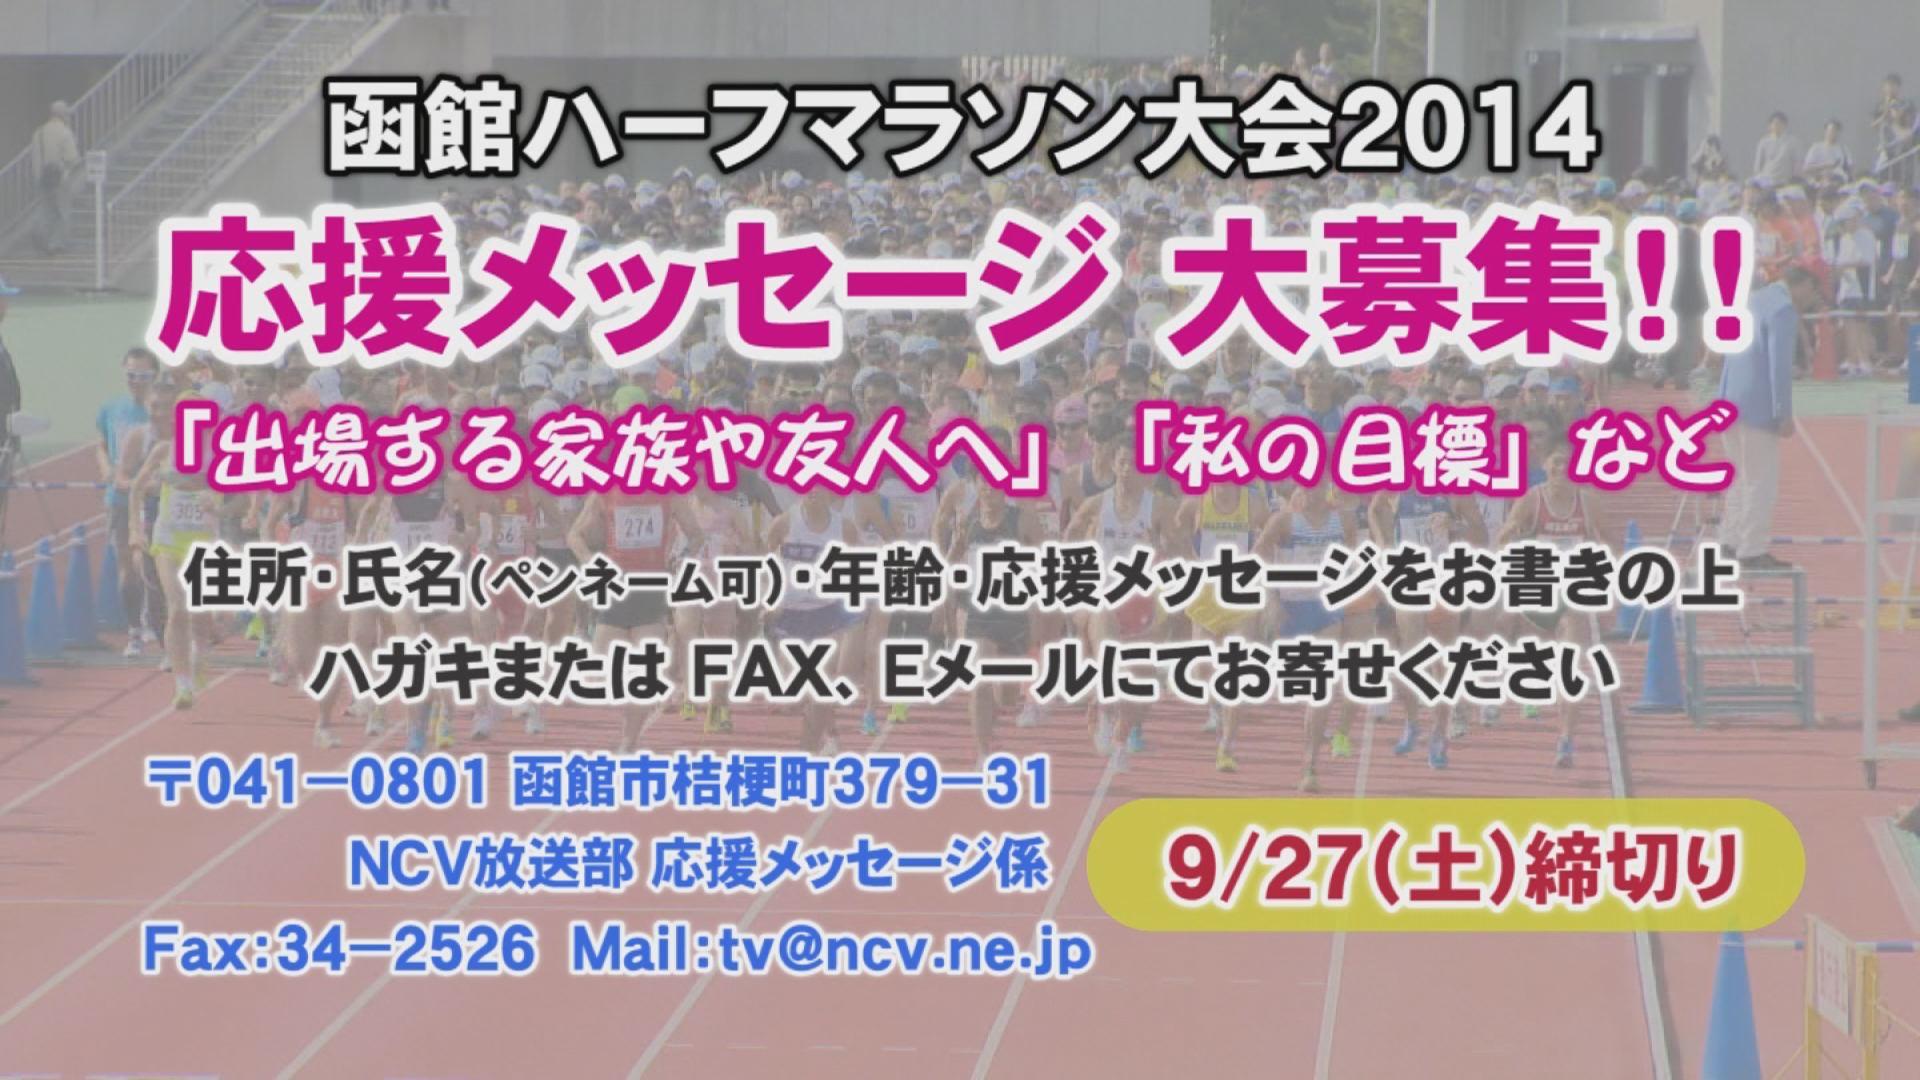 函館ハーフマラソン